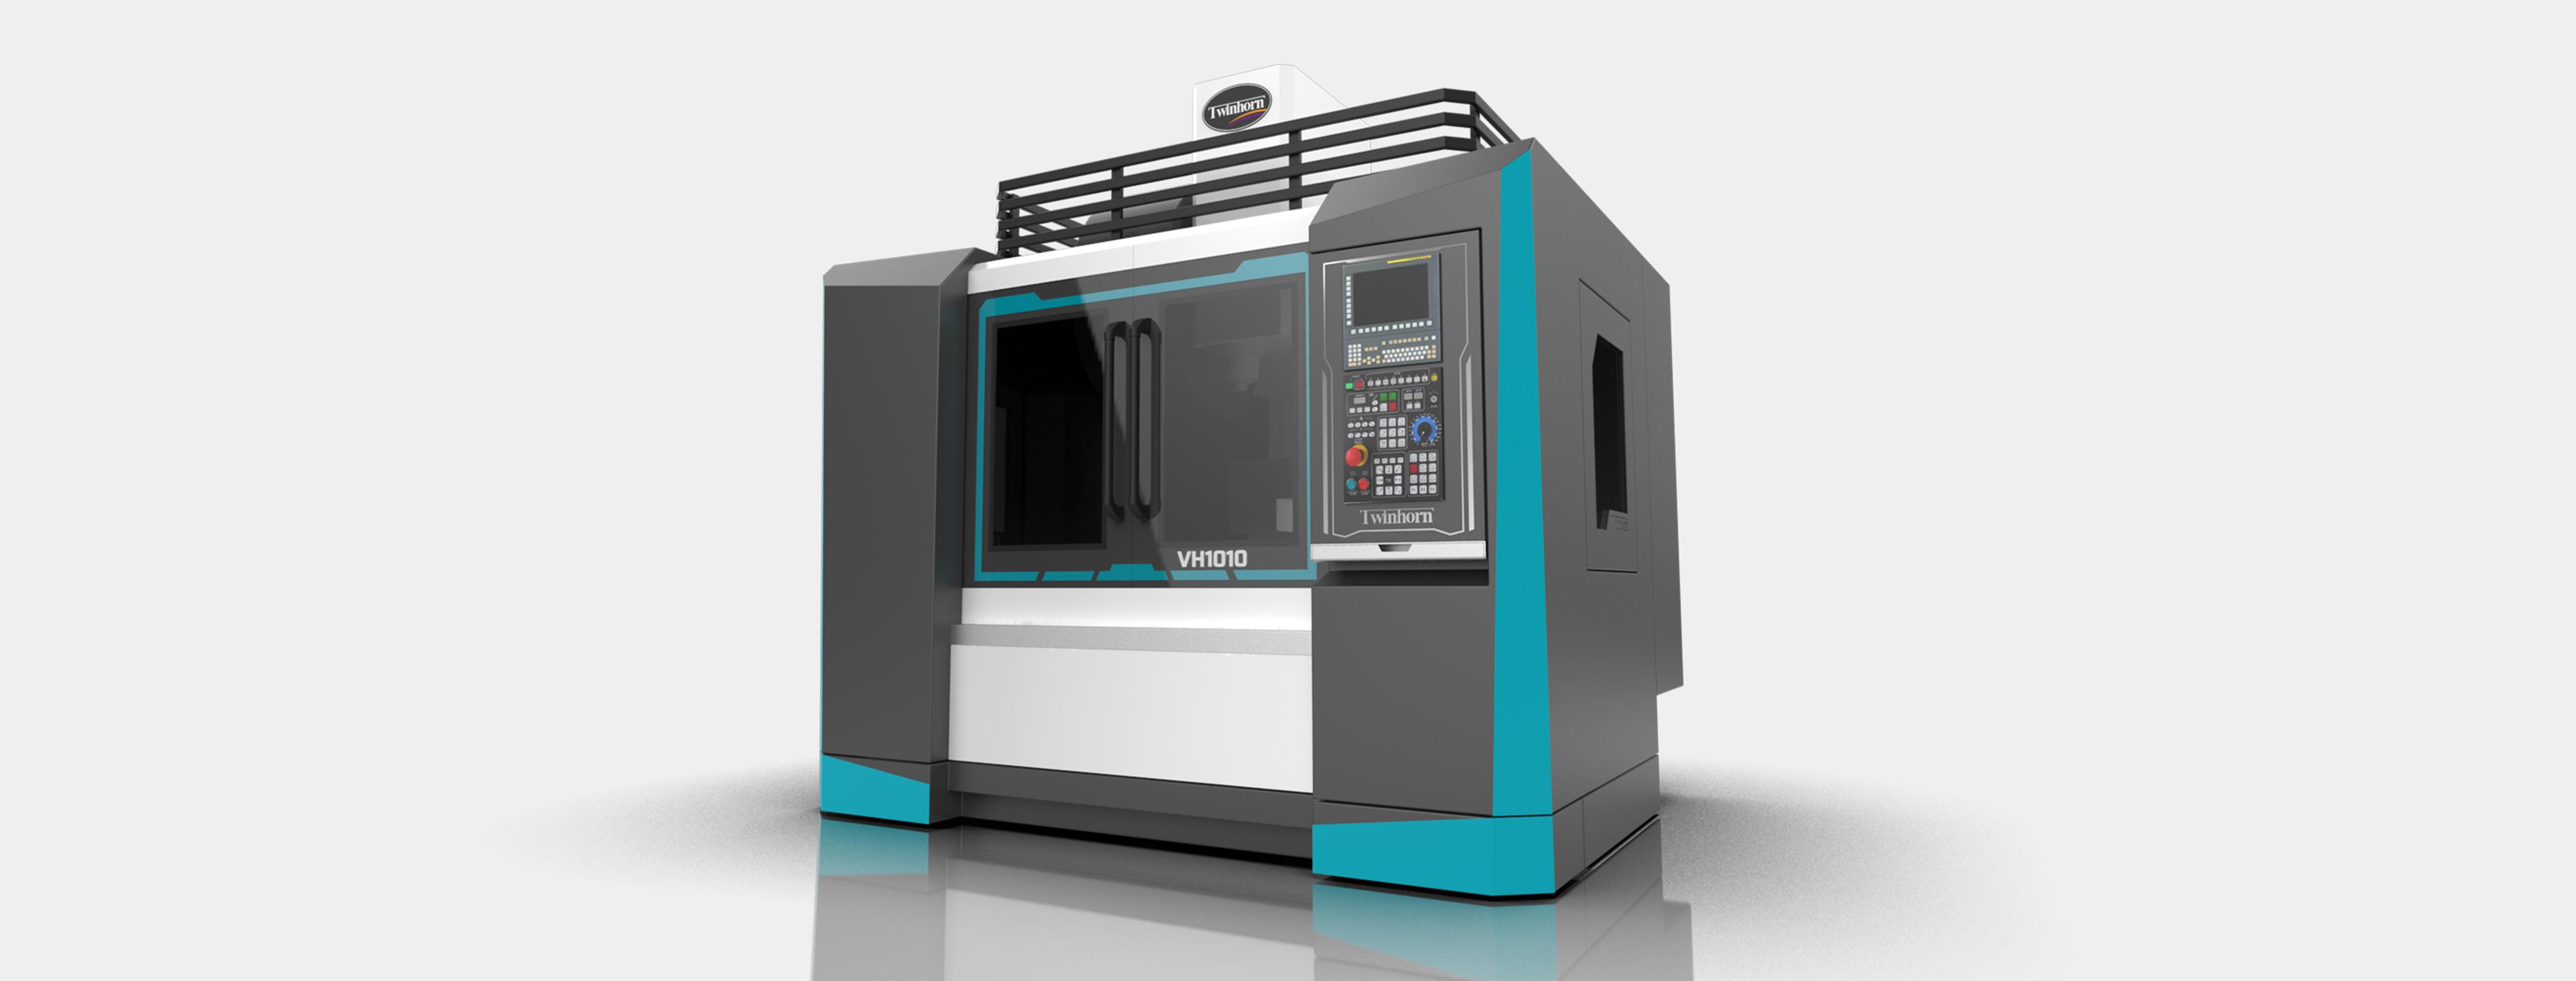 綺發機械 - CNC加工機 VH1010